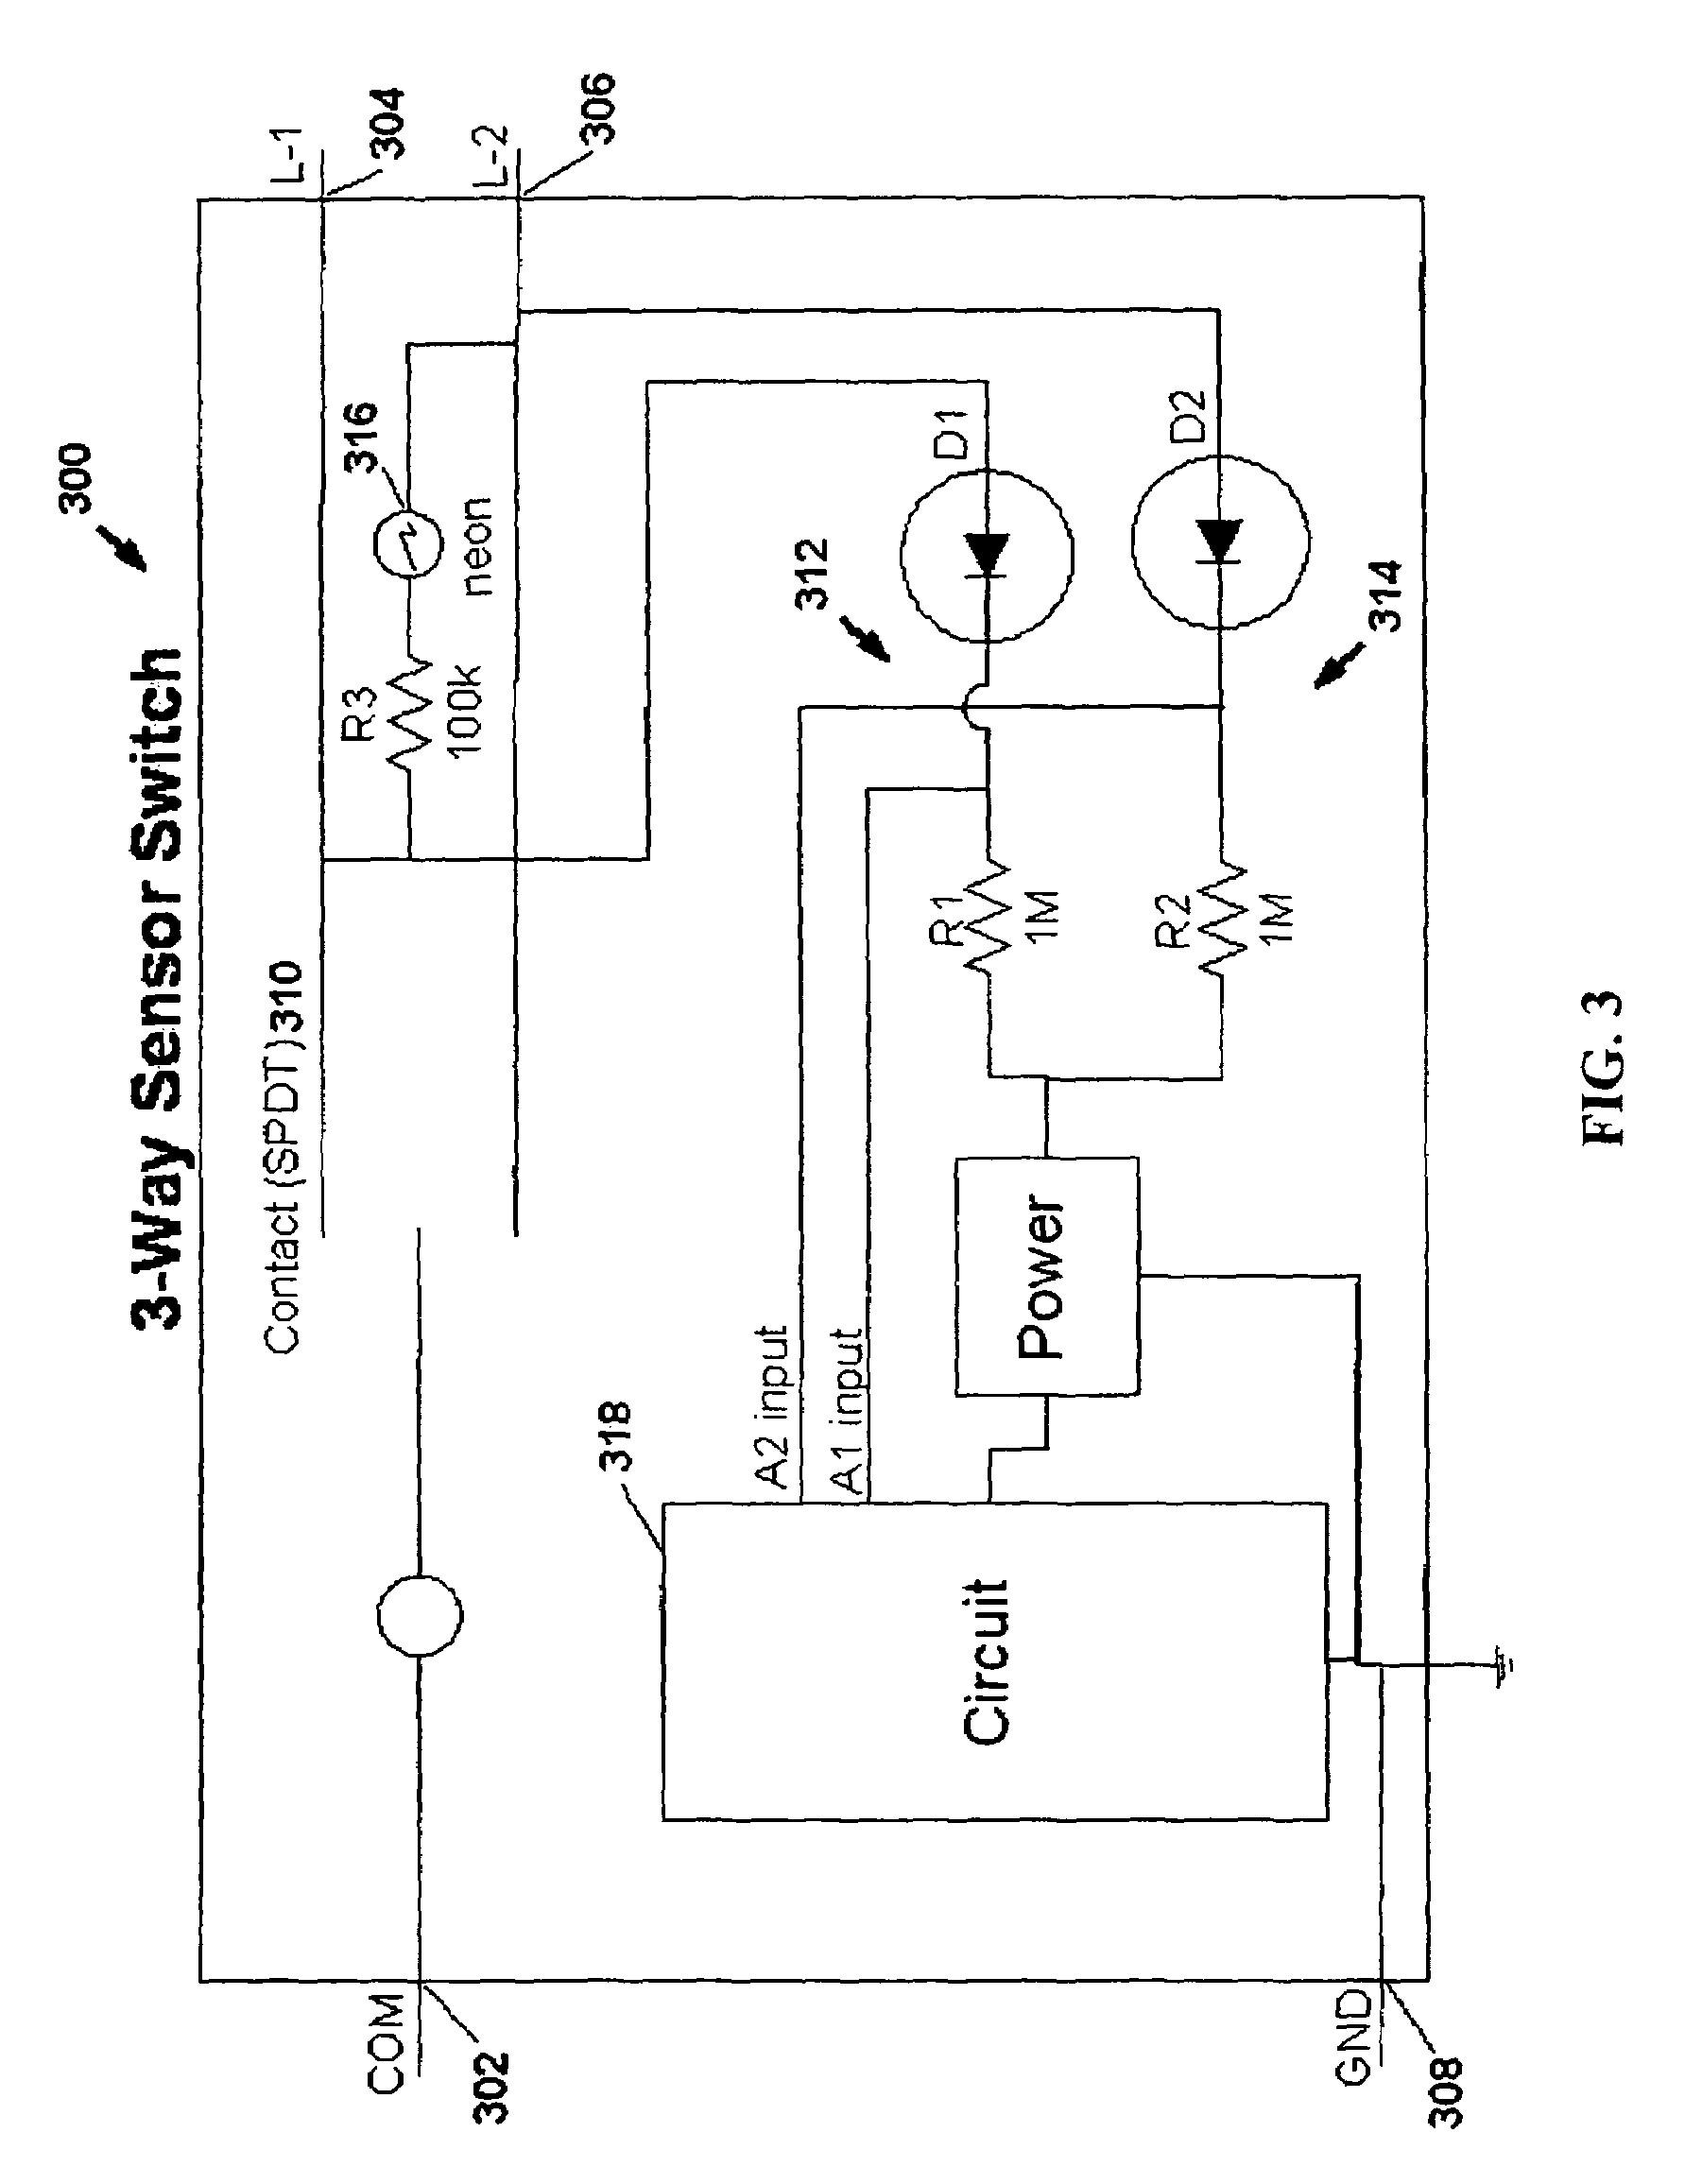 Wondrous Vacancy Sensor Wiring Diagram Basic Electronics Wiring Diagram Wiring Digital Resources Indicompassionincorg